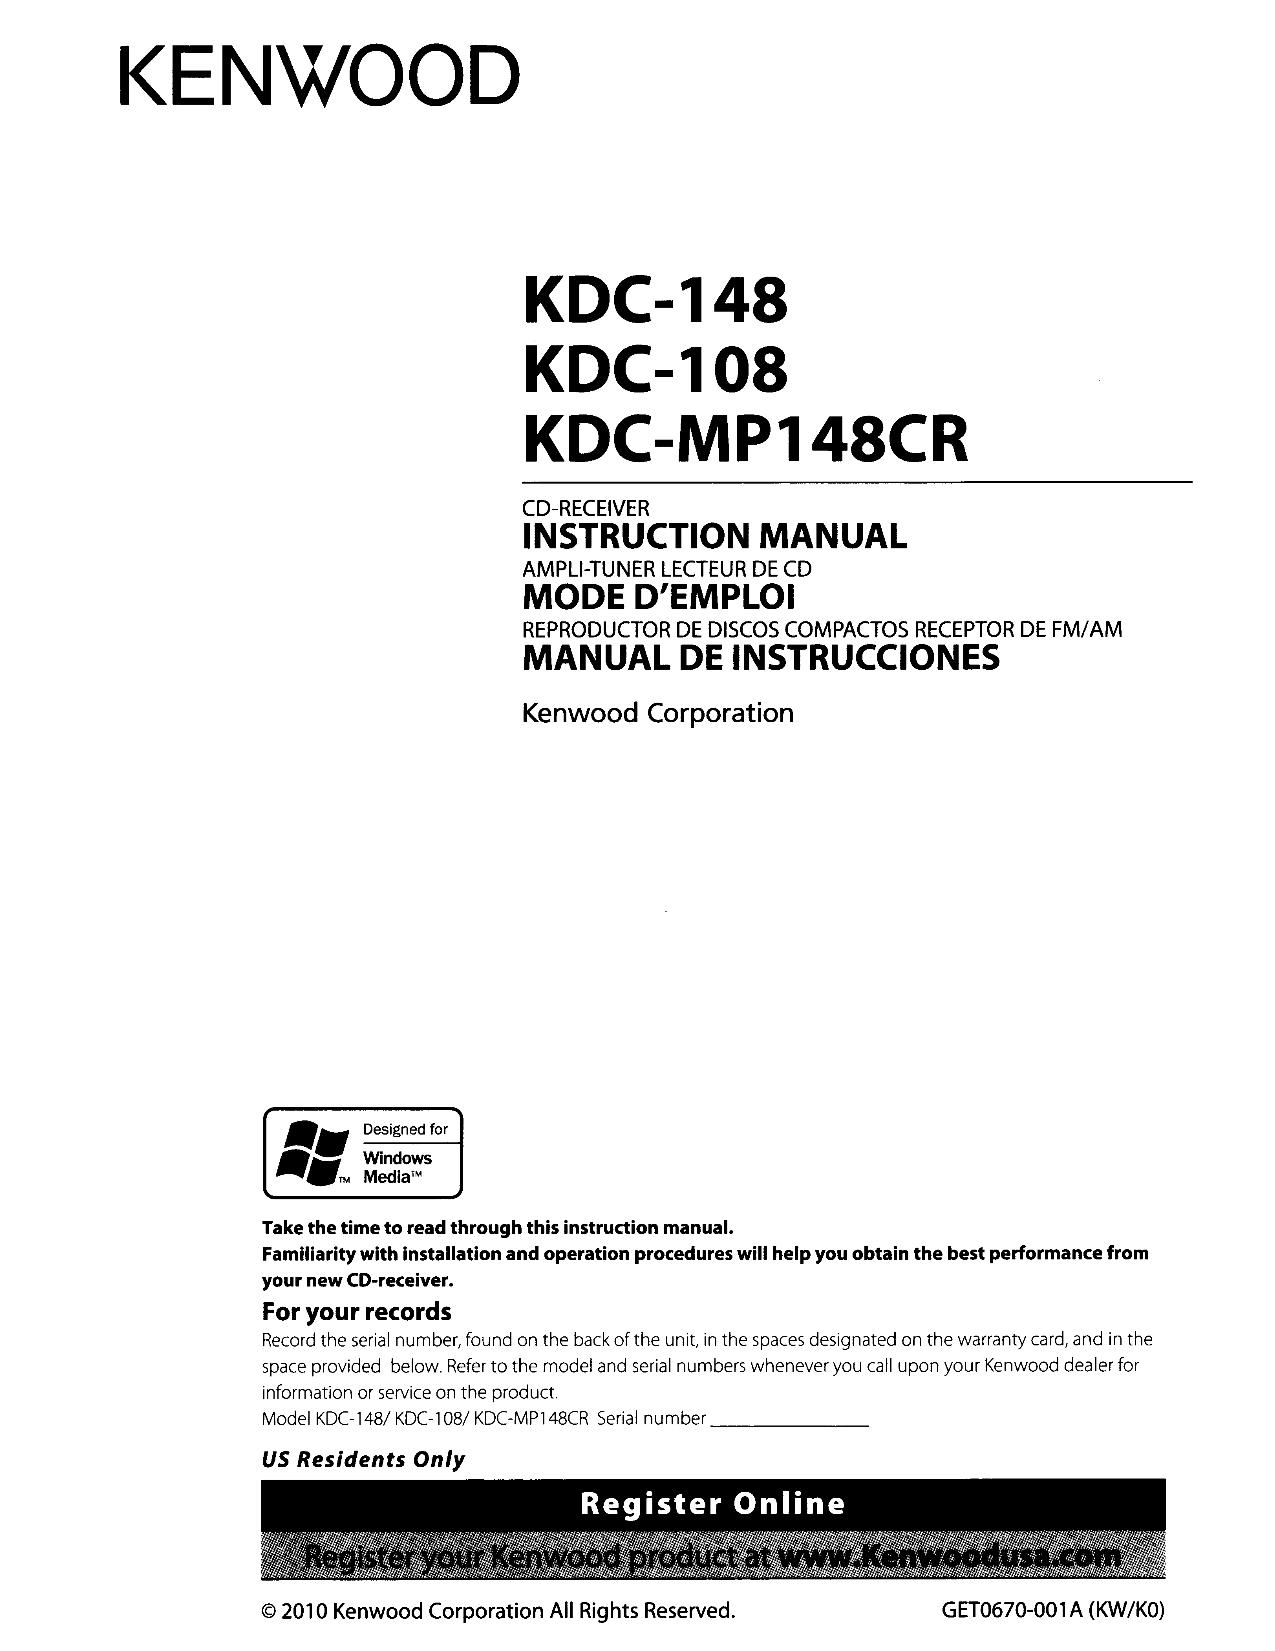 113KDC148.PDF 0 download free pdf for kenwood kdc 148 car receiver manual kenwood kdc x895 wiring diagram at soozxer.org